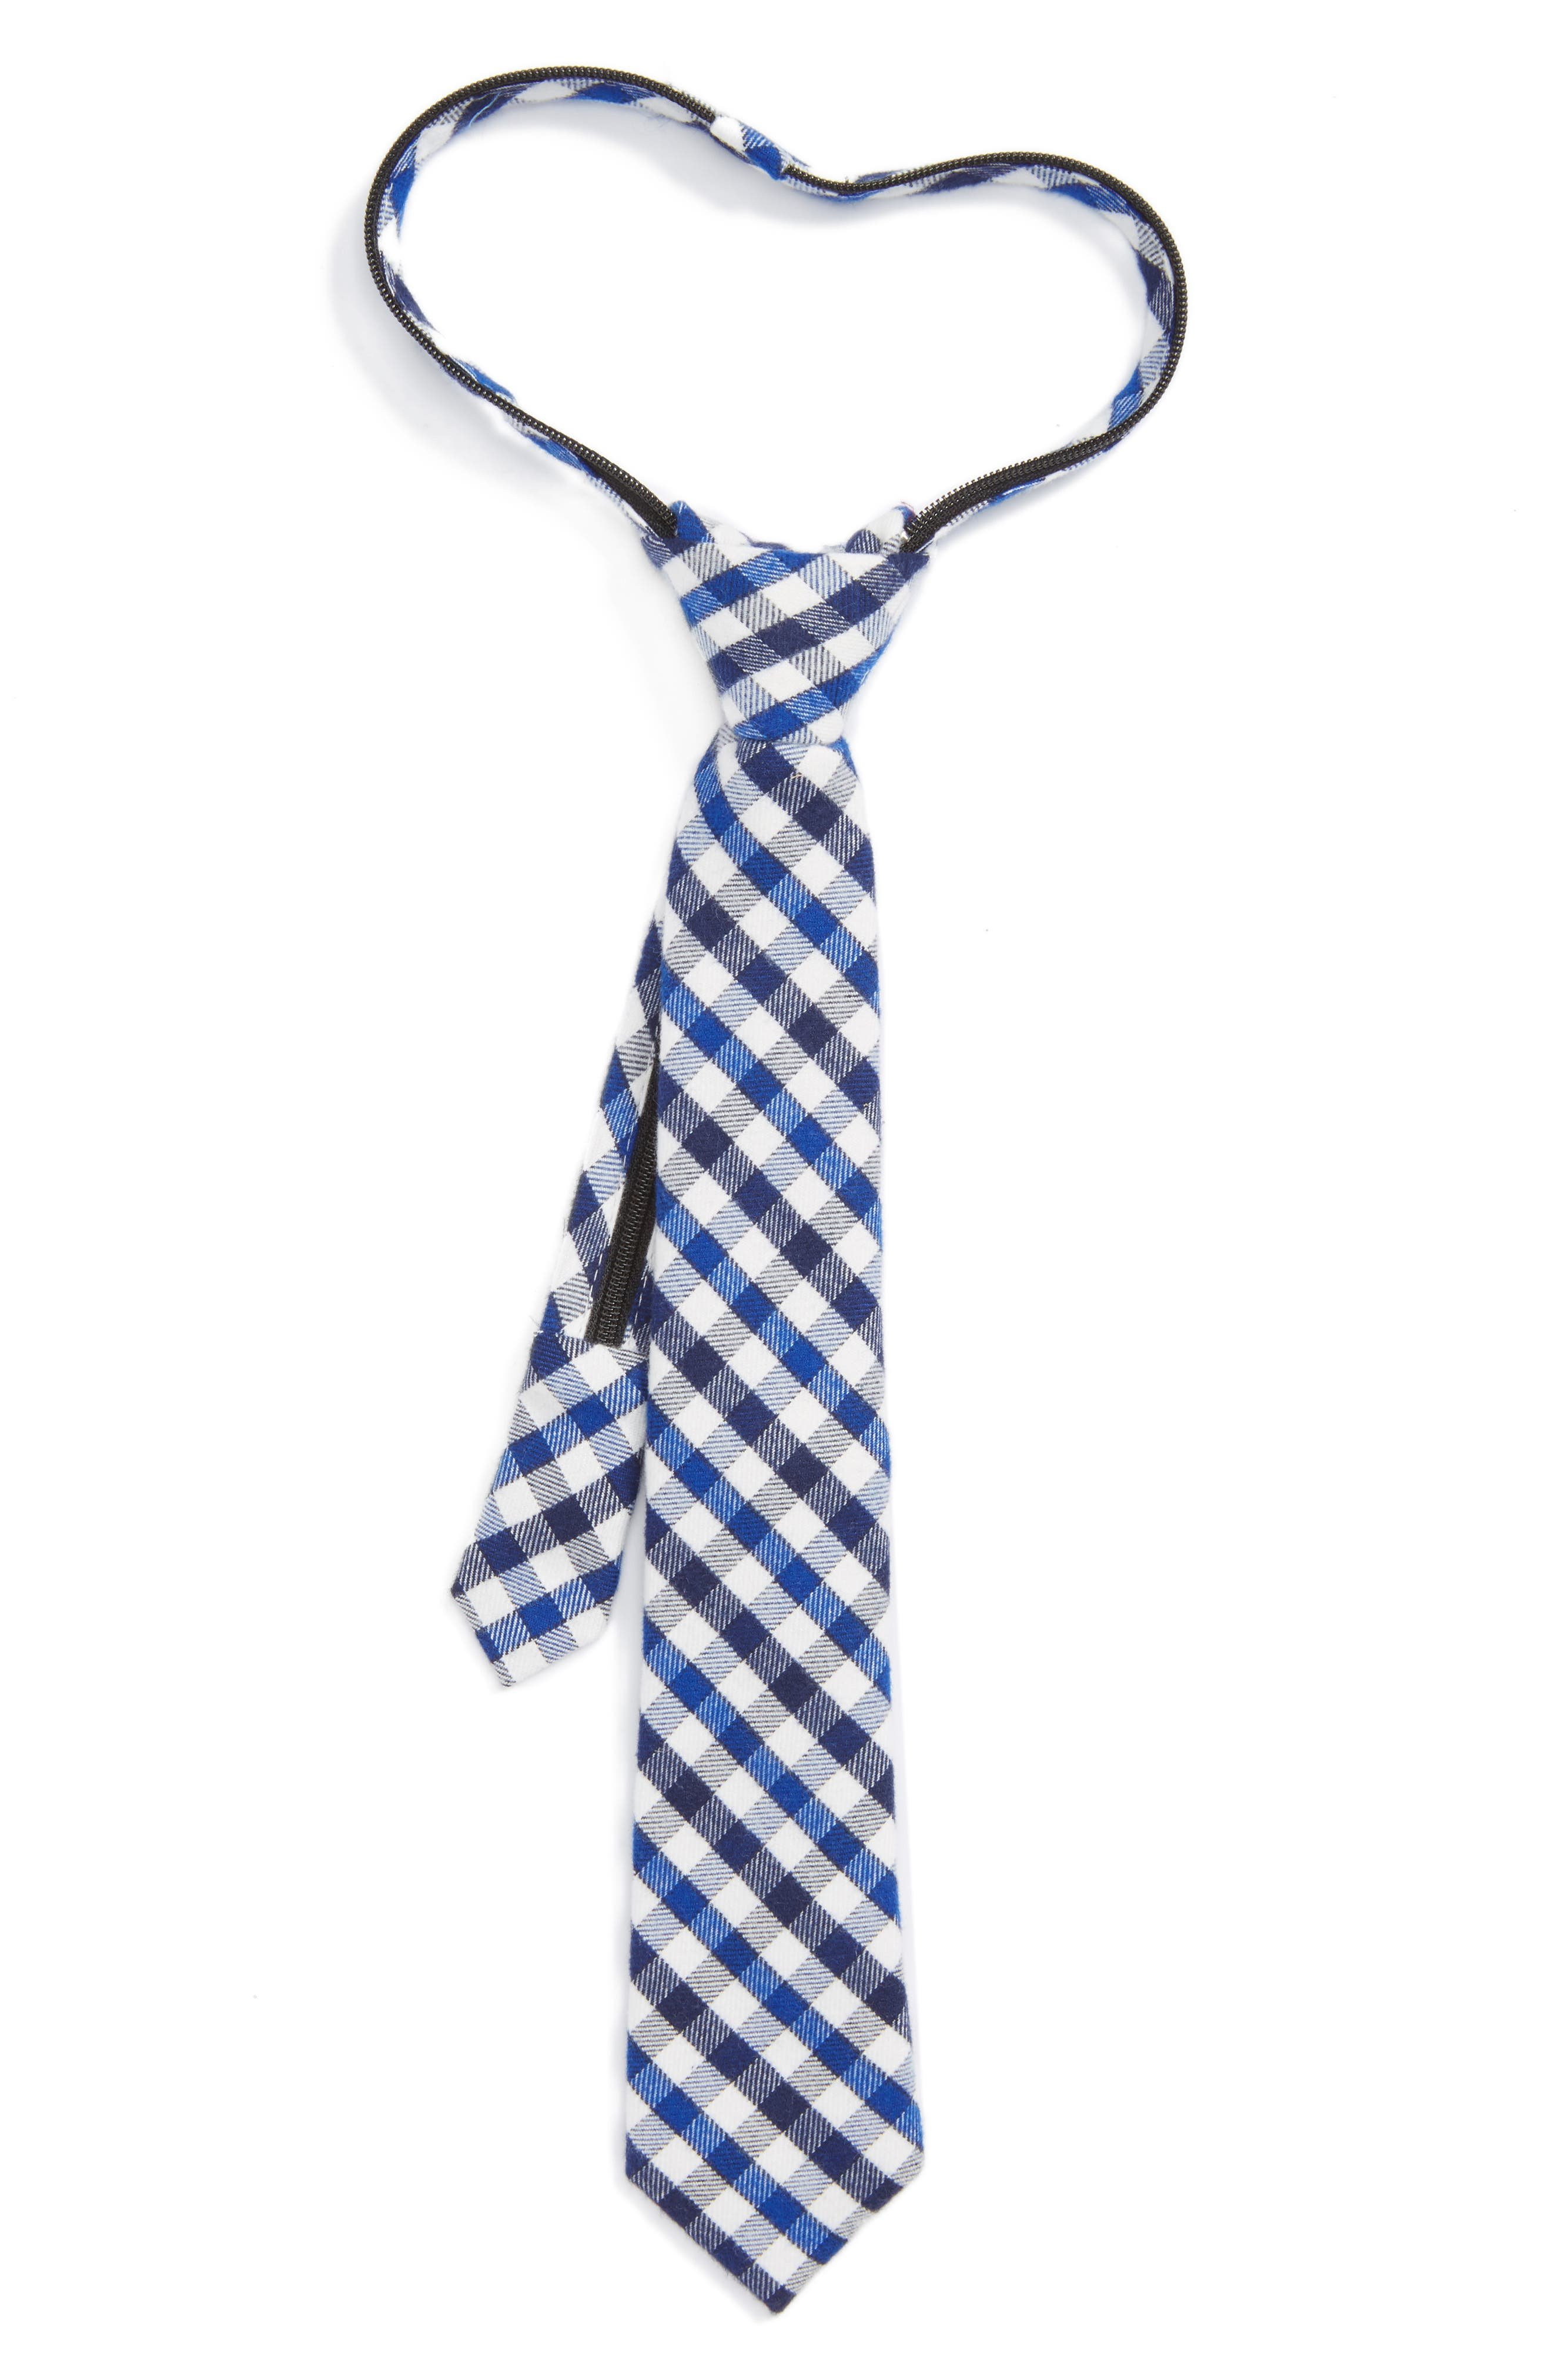 NORDSTROM Check Zip Tie